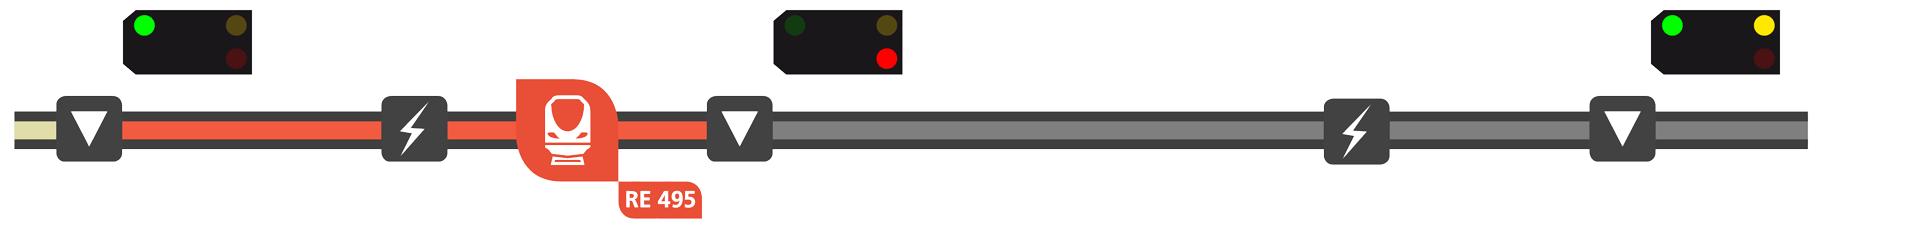 Visualisierung der ALAN Blocksignalisierung - Bild 12 von 18